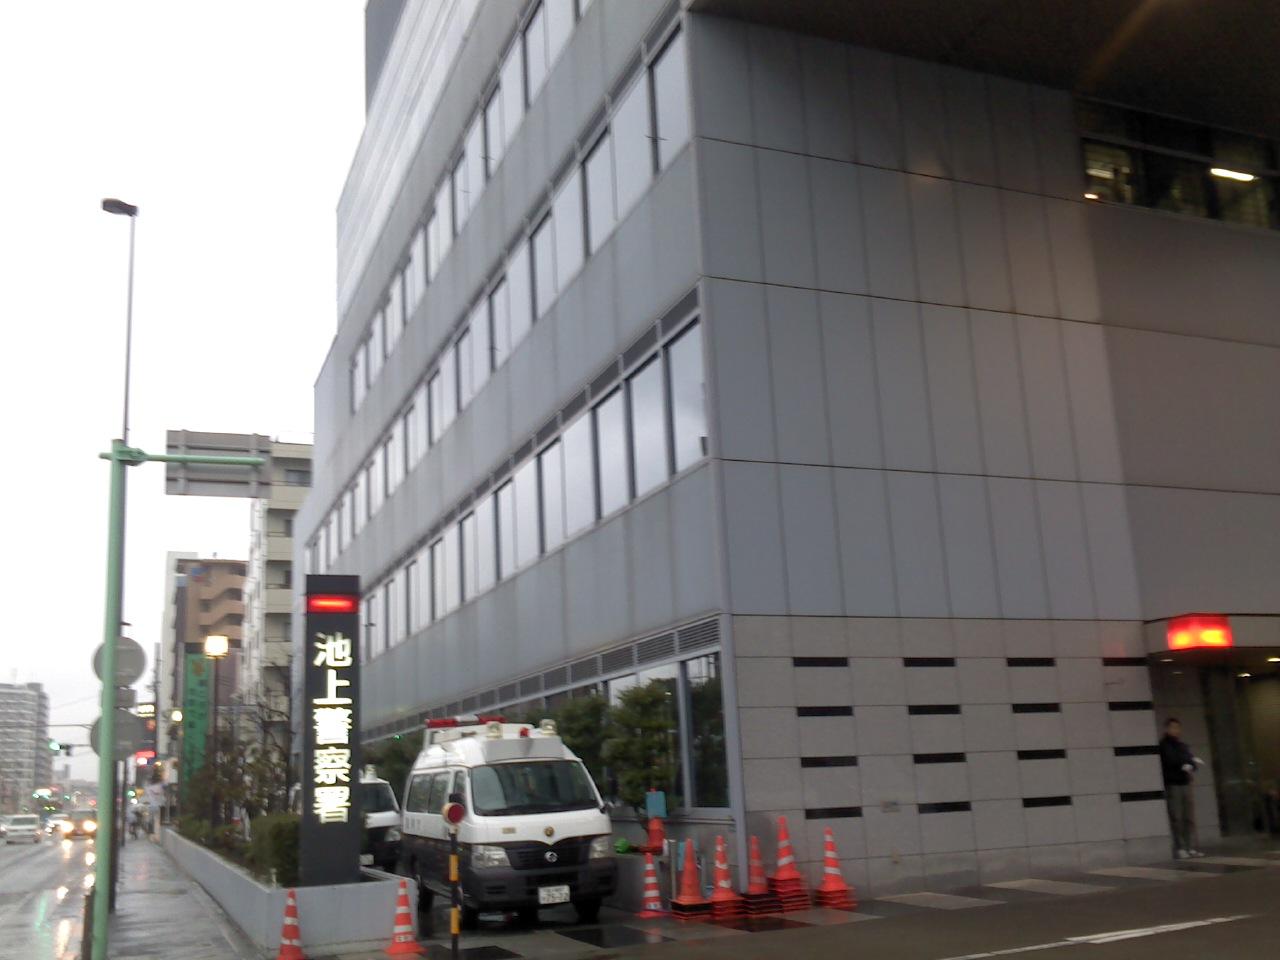 池上警察署へ車庫証明受取代行 - 横浜川崎車庫証明・自動車登録代行 ...